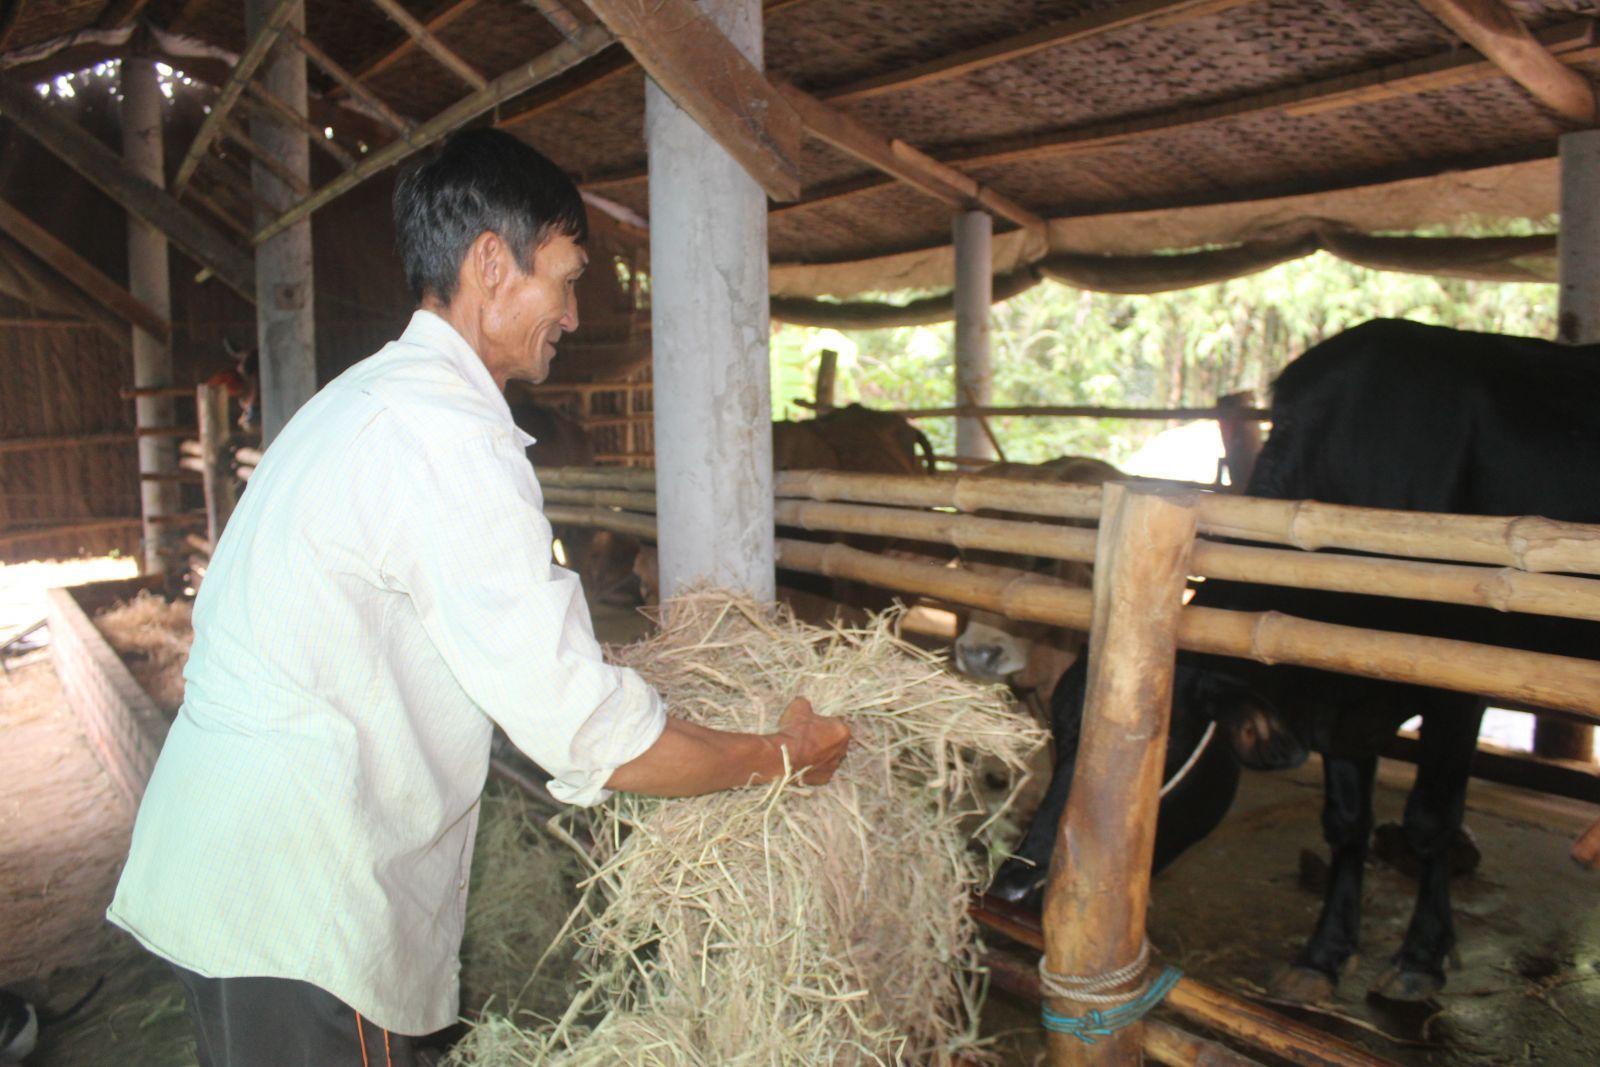 Ngoài hỗ trợ vay học sinh, sinh viên, ông Huỳnh Văn Mức còn được vay vốn chăn nuôi bò